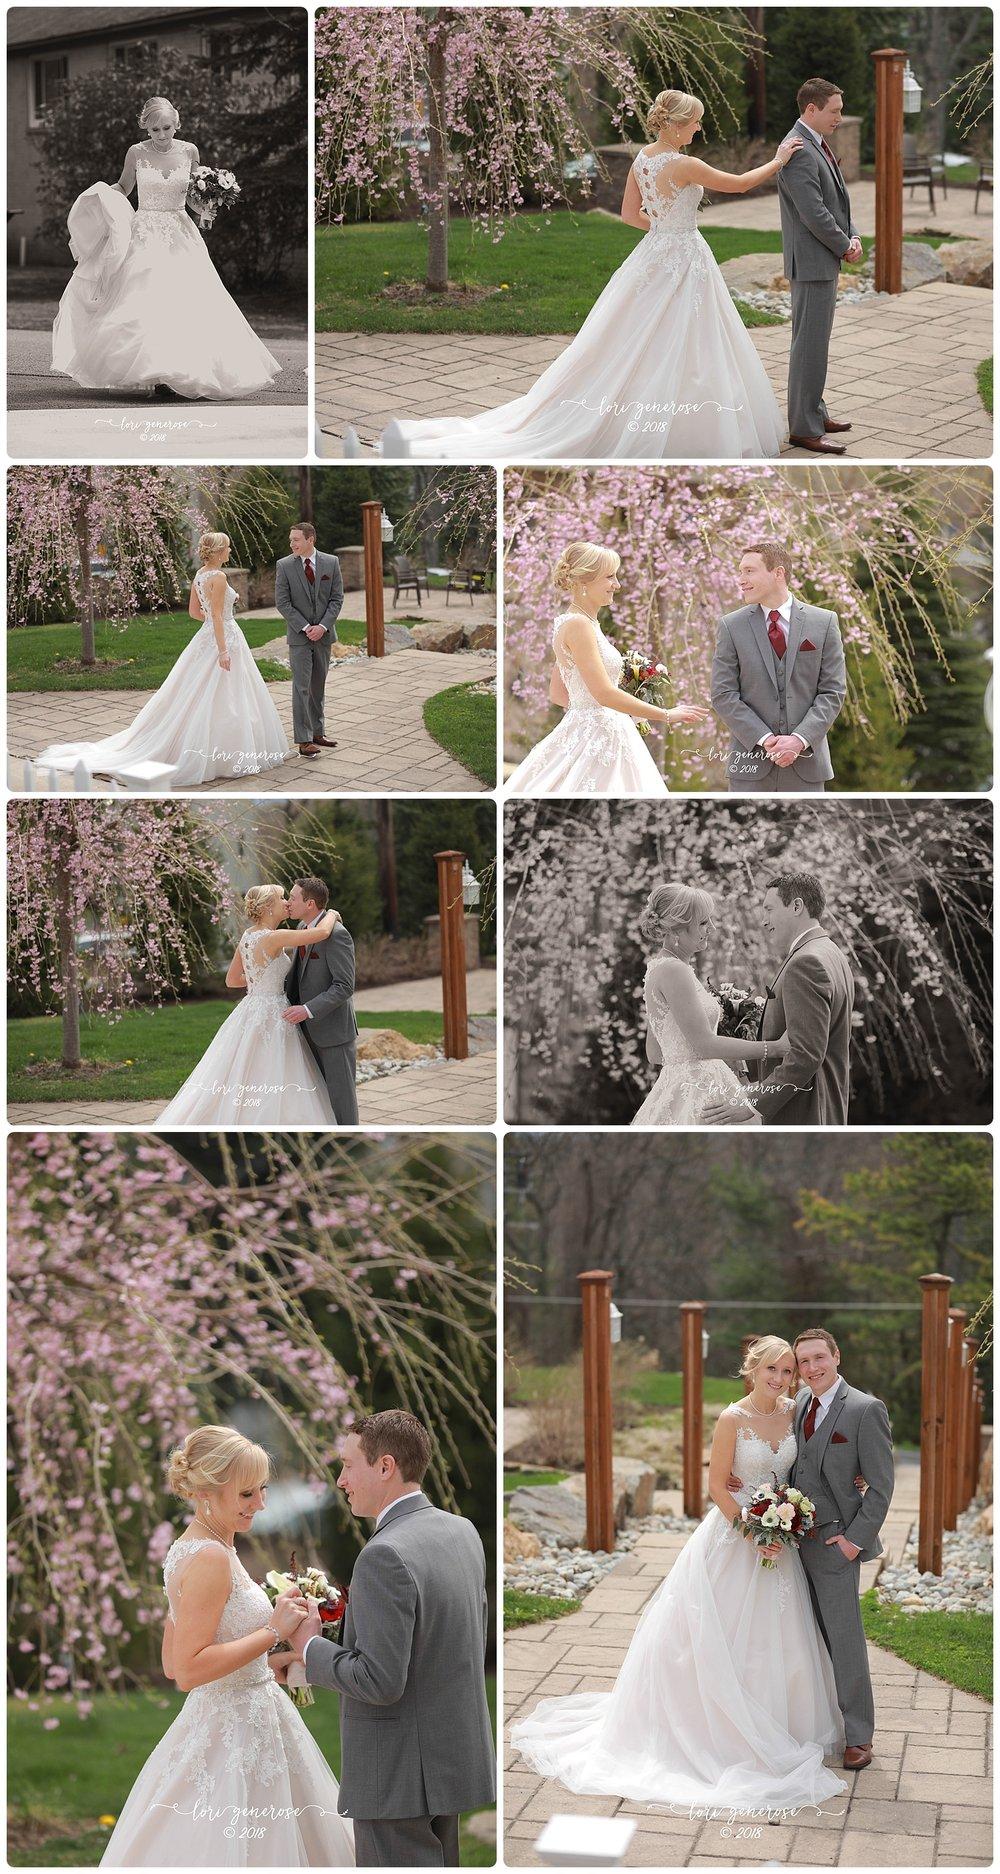 lgphotographylorigenerosetheinnatpoconomanorpaweddingvenuebridegroomfirstlook.jpg